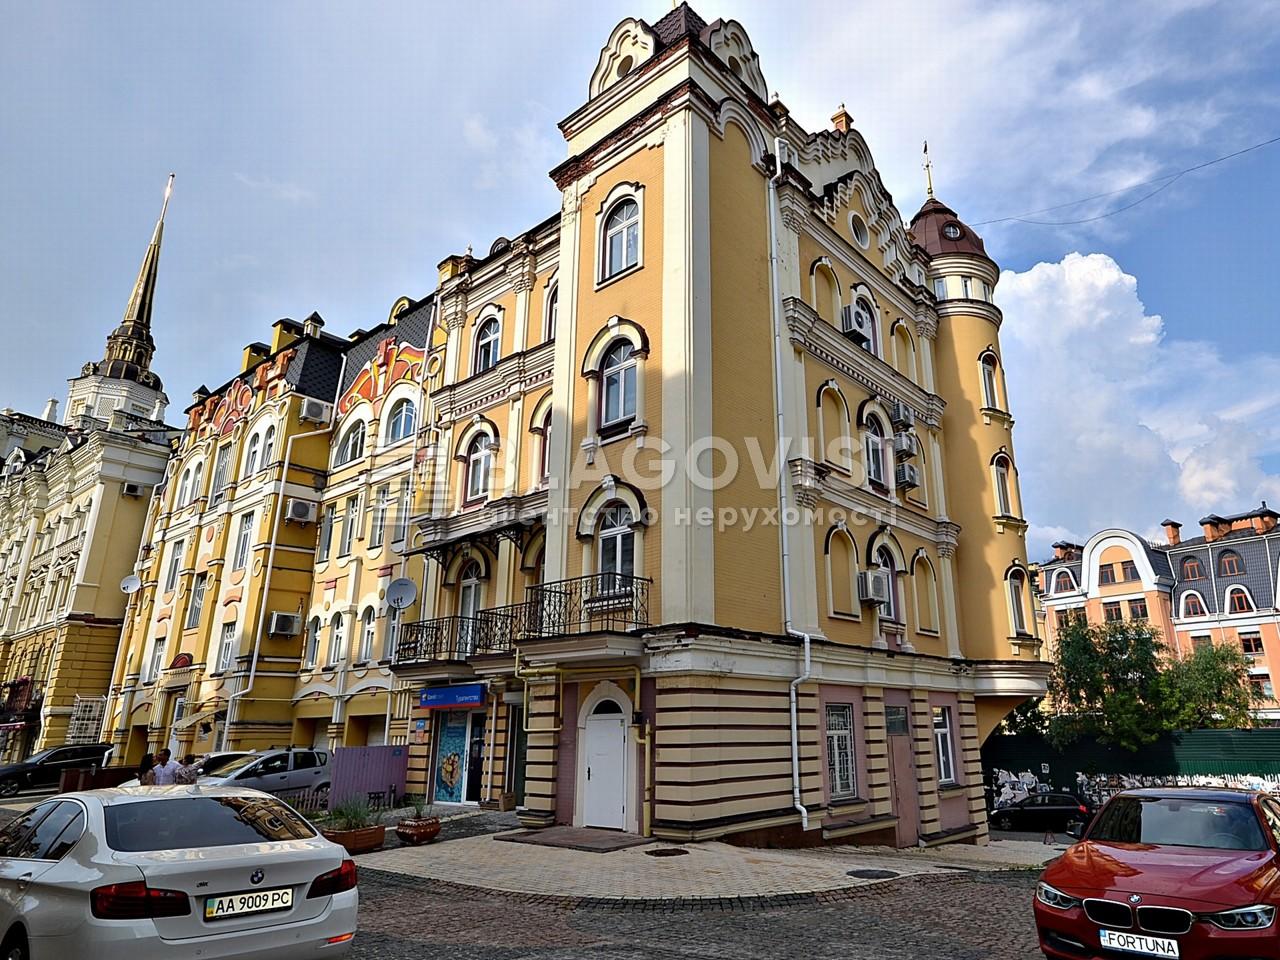 Нежилое помещение, Кожемяцкая, Киев, E-39739 - Фото 1